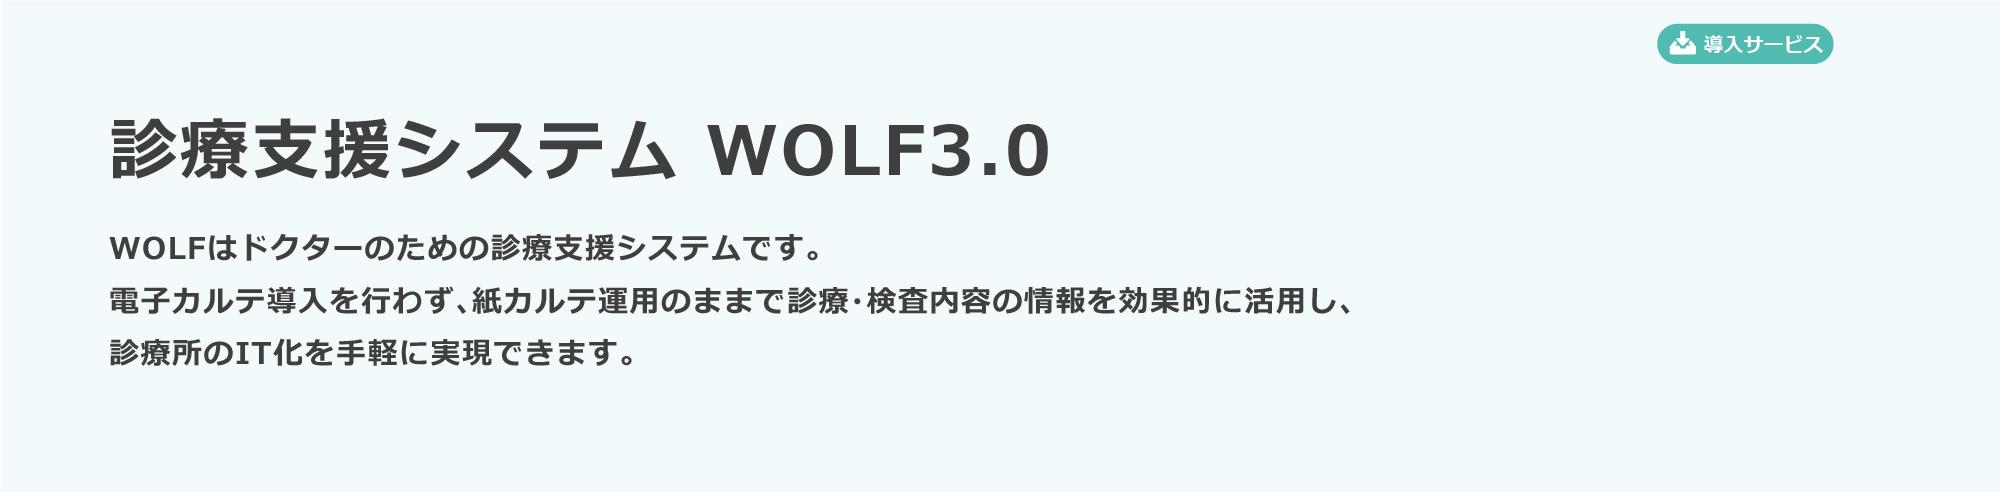 診療支援システム WOLF3.0|医療|ICC 石川コンピュータ・センター